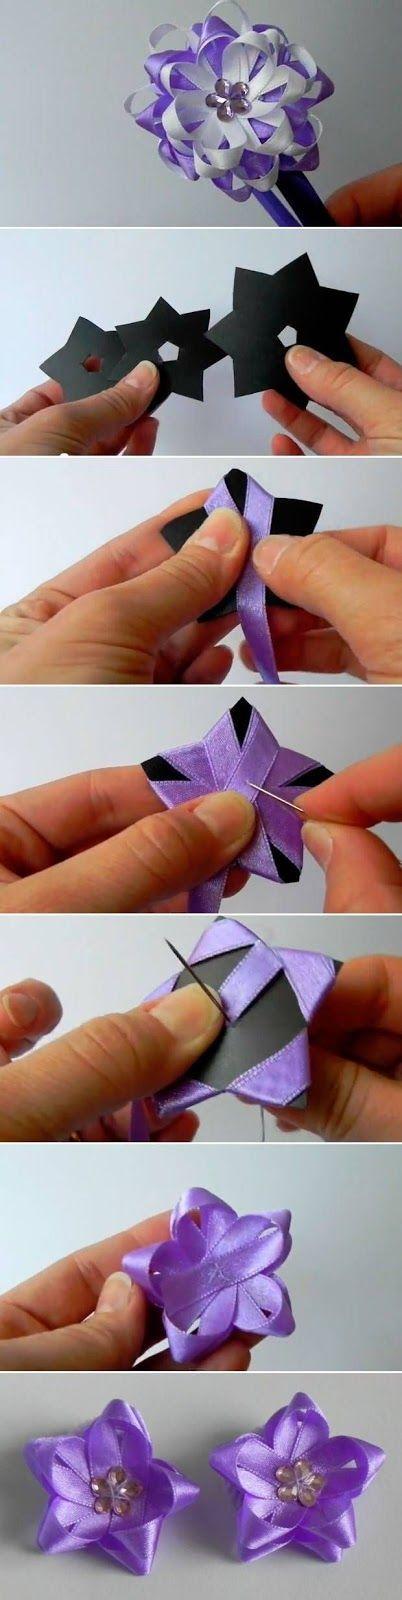 Esta es una técnica para hacer flores con lazos que sirven para decorar muchas cosas. Por ejemplo podemos hacer accesorios para el cabello ...